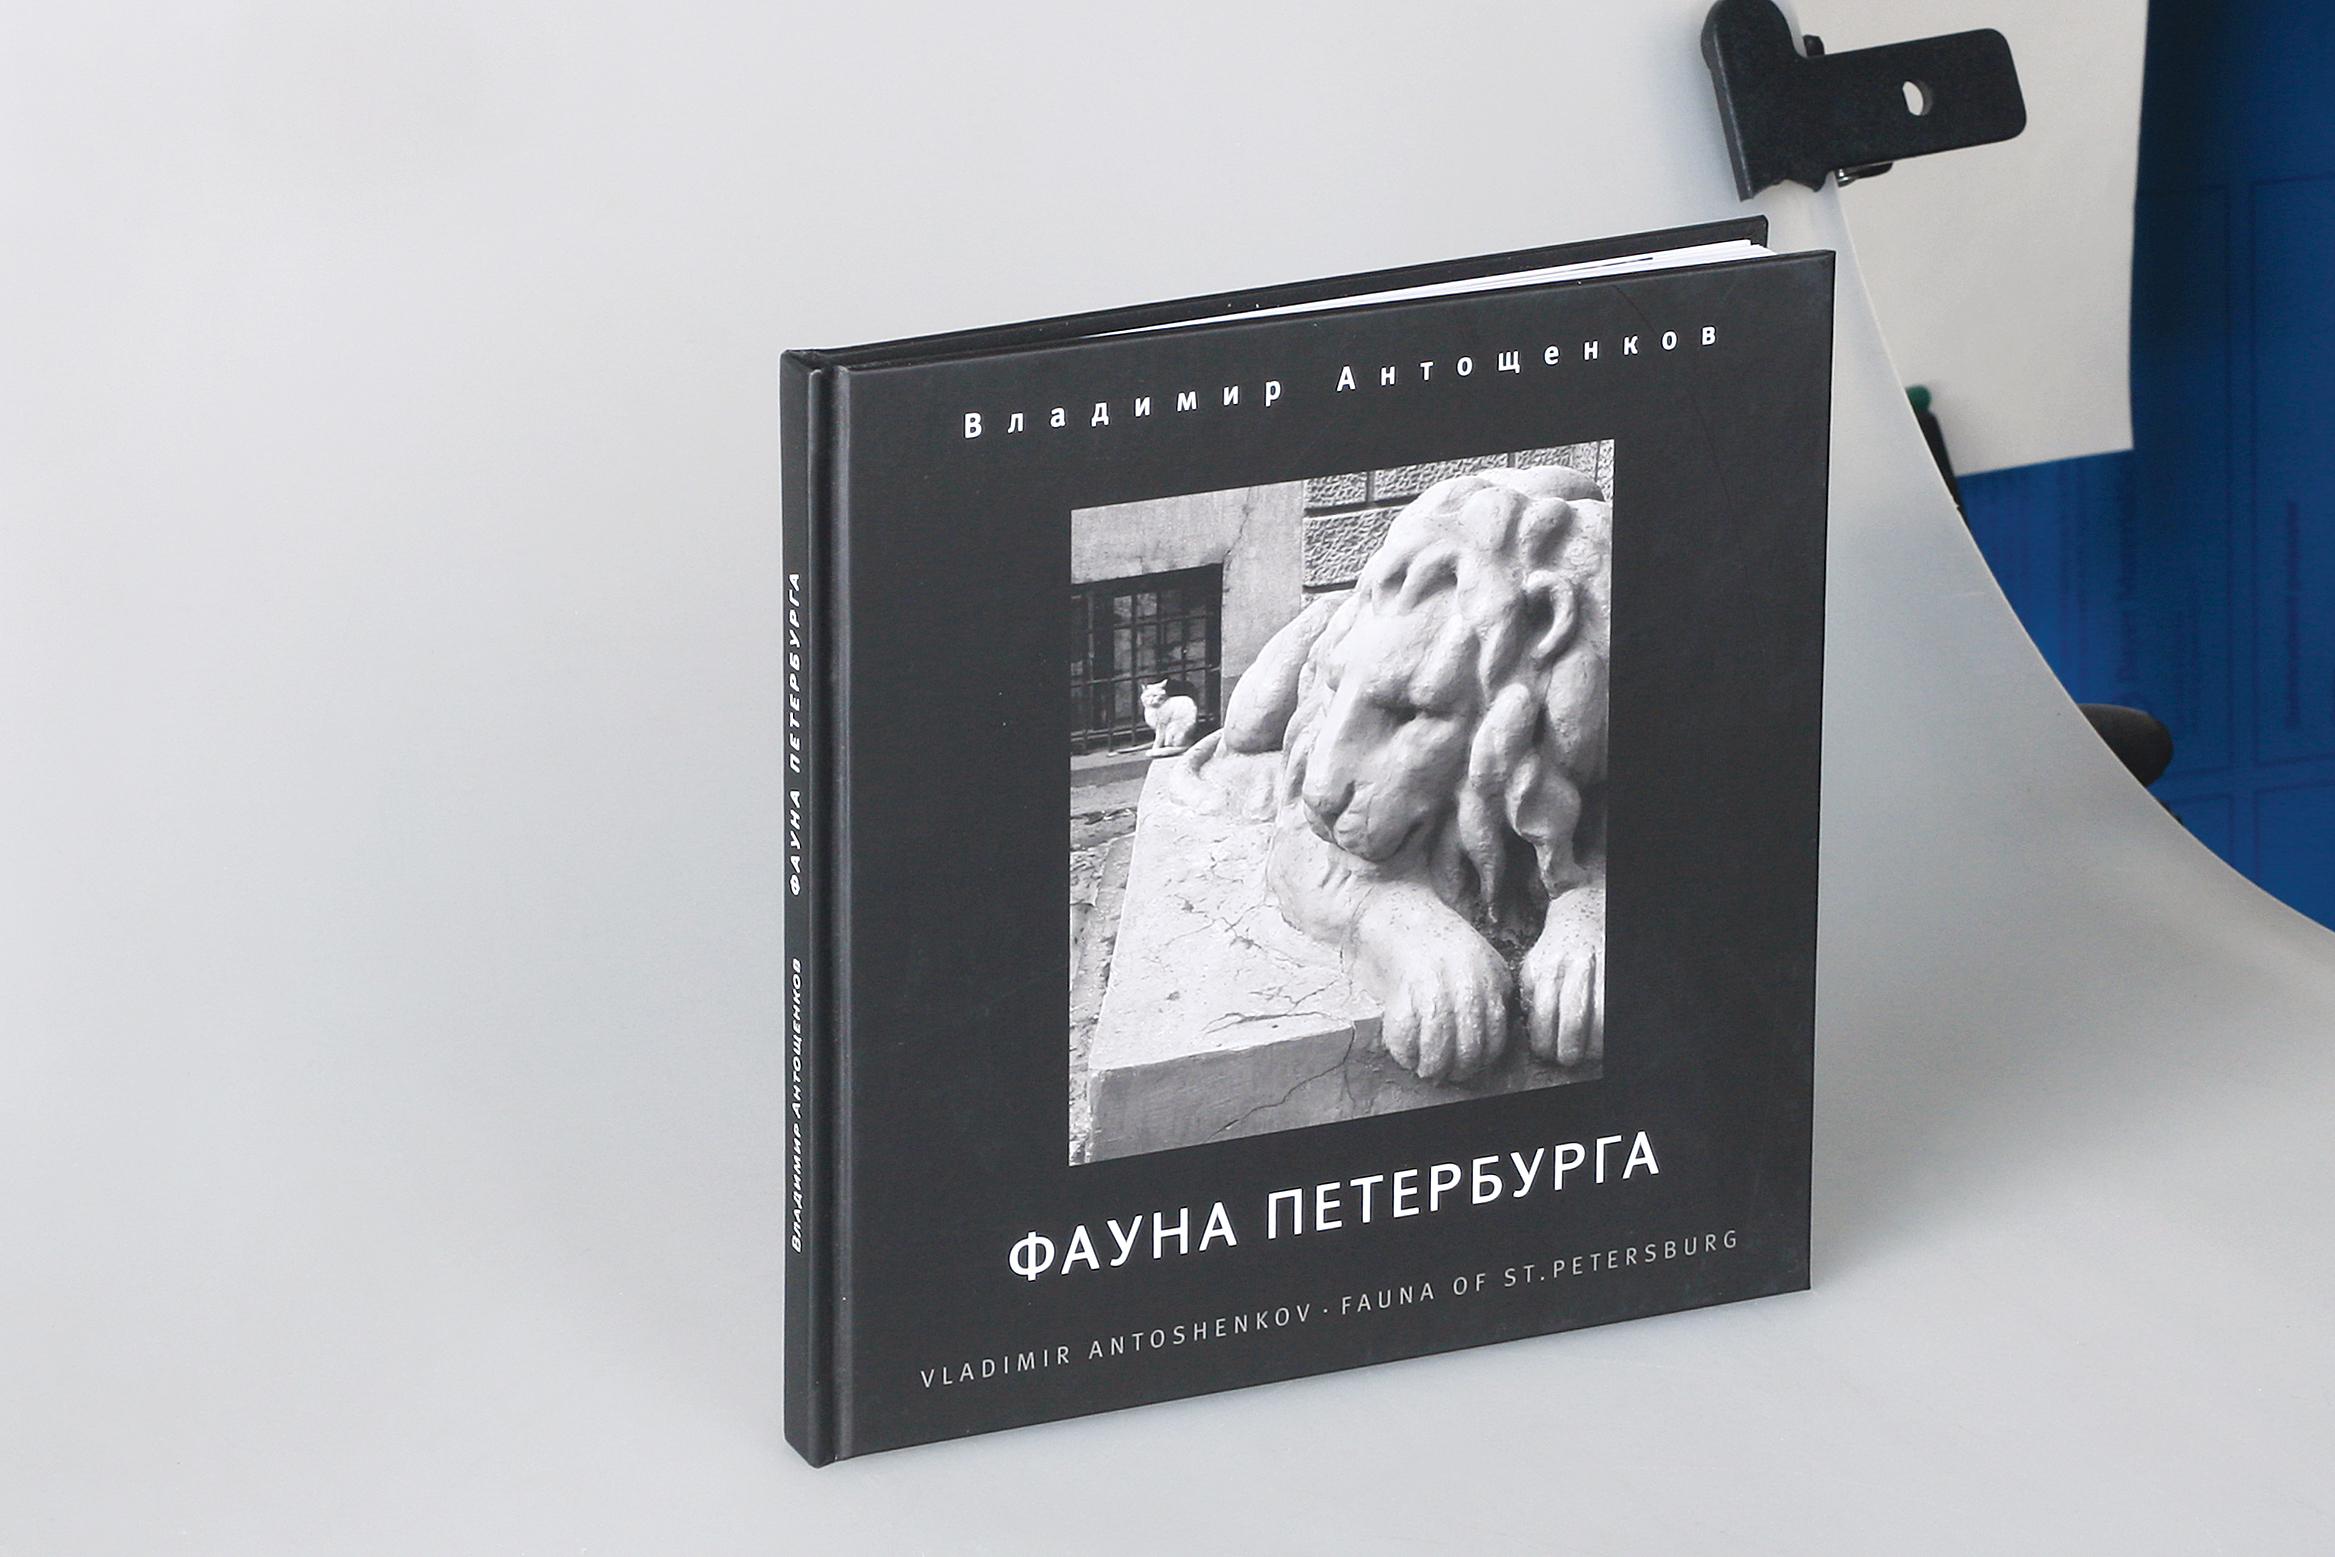 """фотоальбома В.С. Антощенкова """"Фауна Петербурга"""". Верстка, цветокоррекция"""